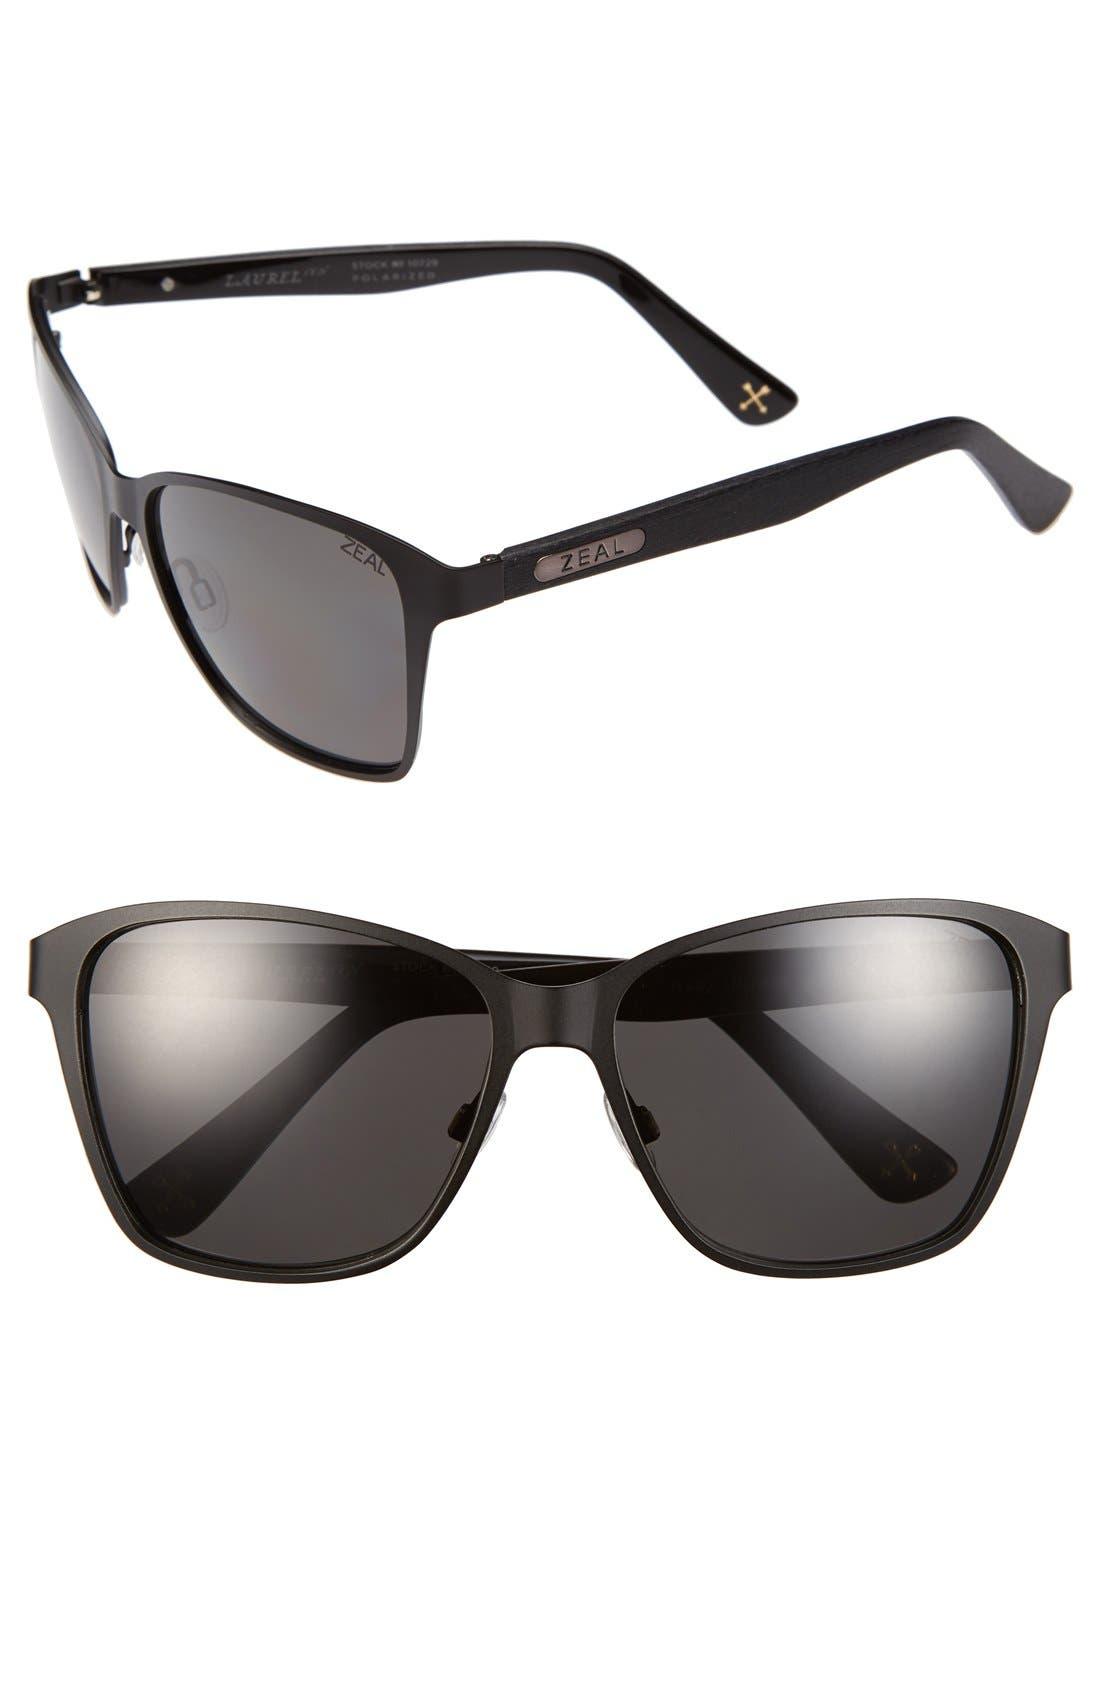 Main Image - Zeal Optics 'Laurel Canyon' 57mm Retro Polarized Sunglasses